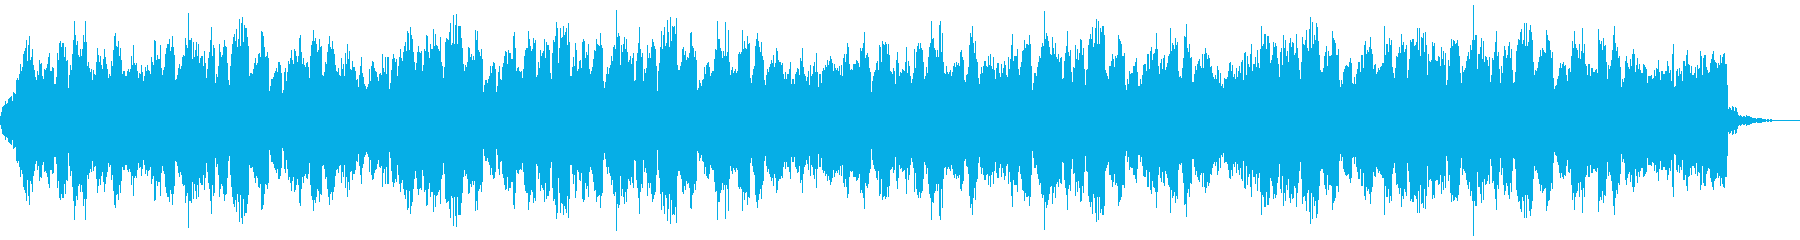 「蛍の光」 オーケストラアレンジの再生済みの波形